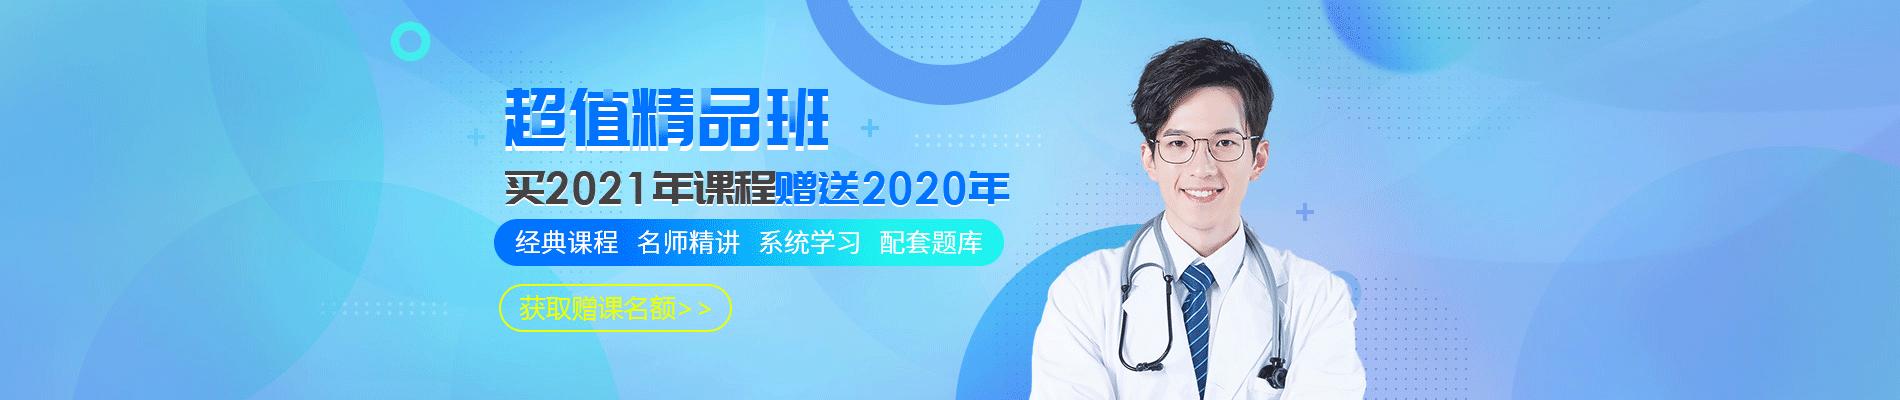 中西医结合助理医师免费全套视频